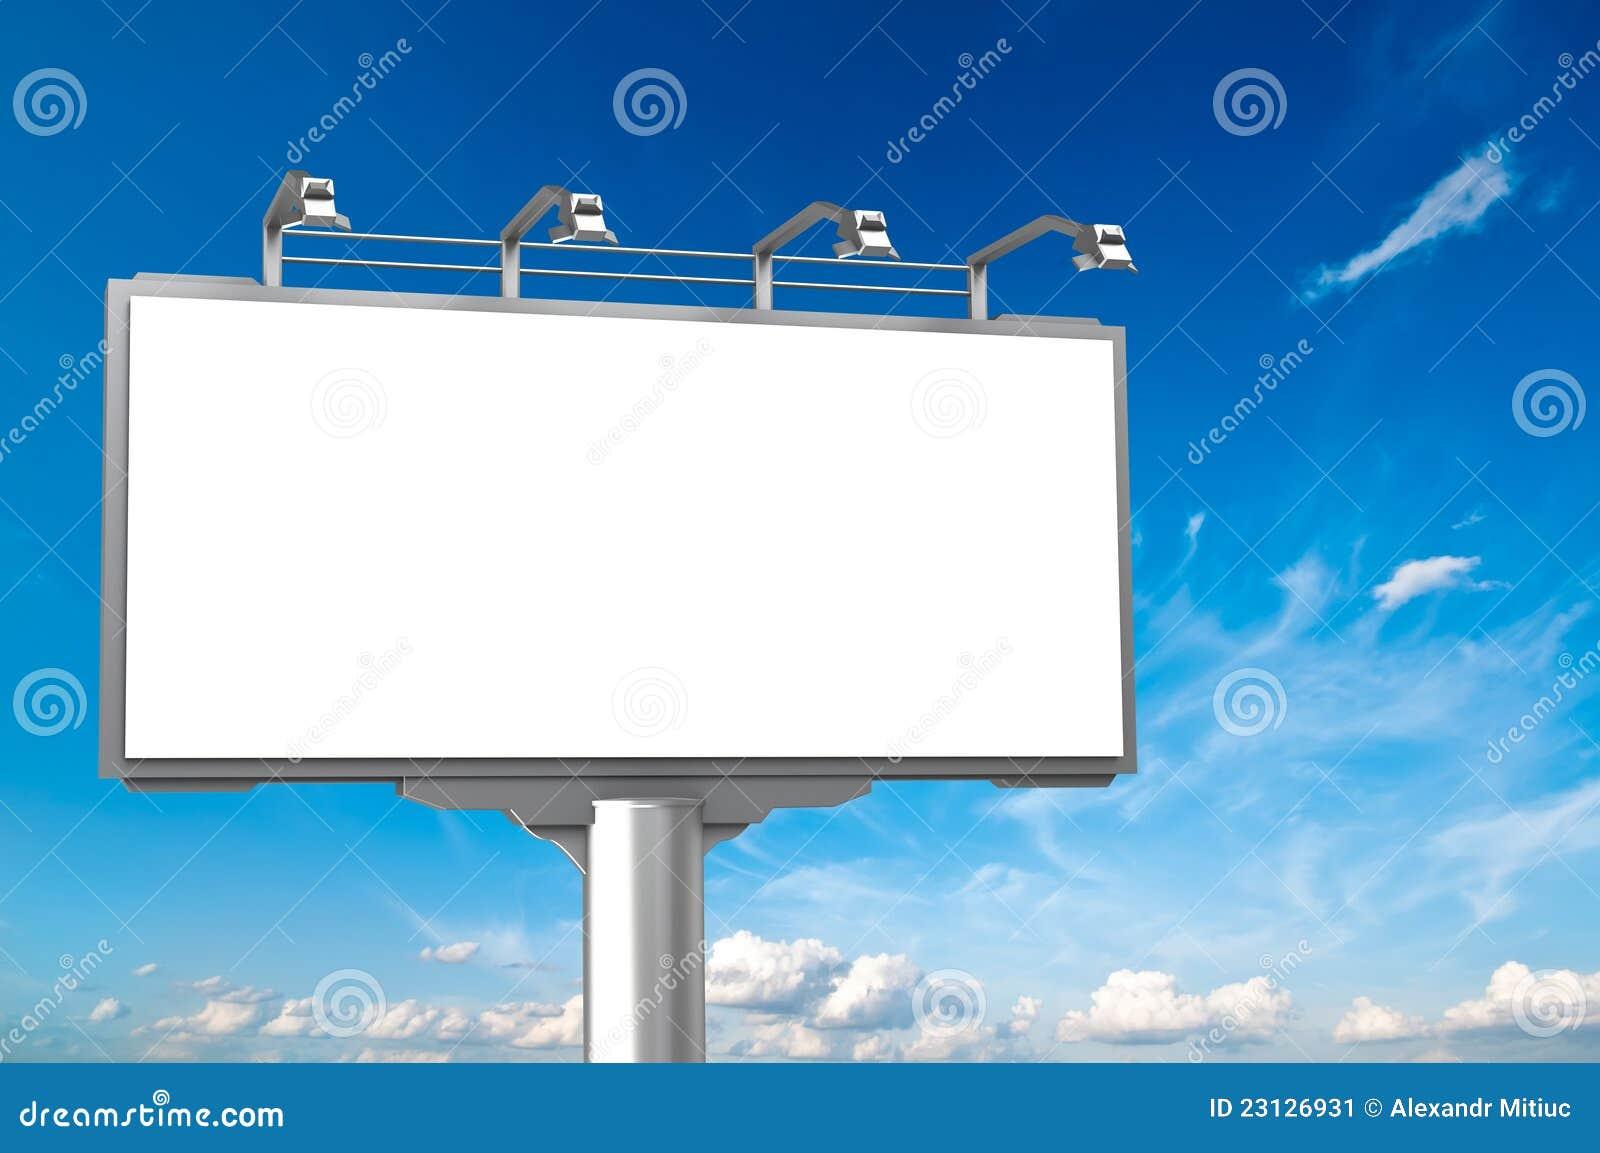 Valla publicitaria vac a del anuncio en el fondo del cielo - Imagen de vallas ...